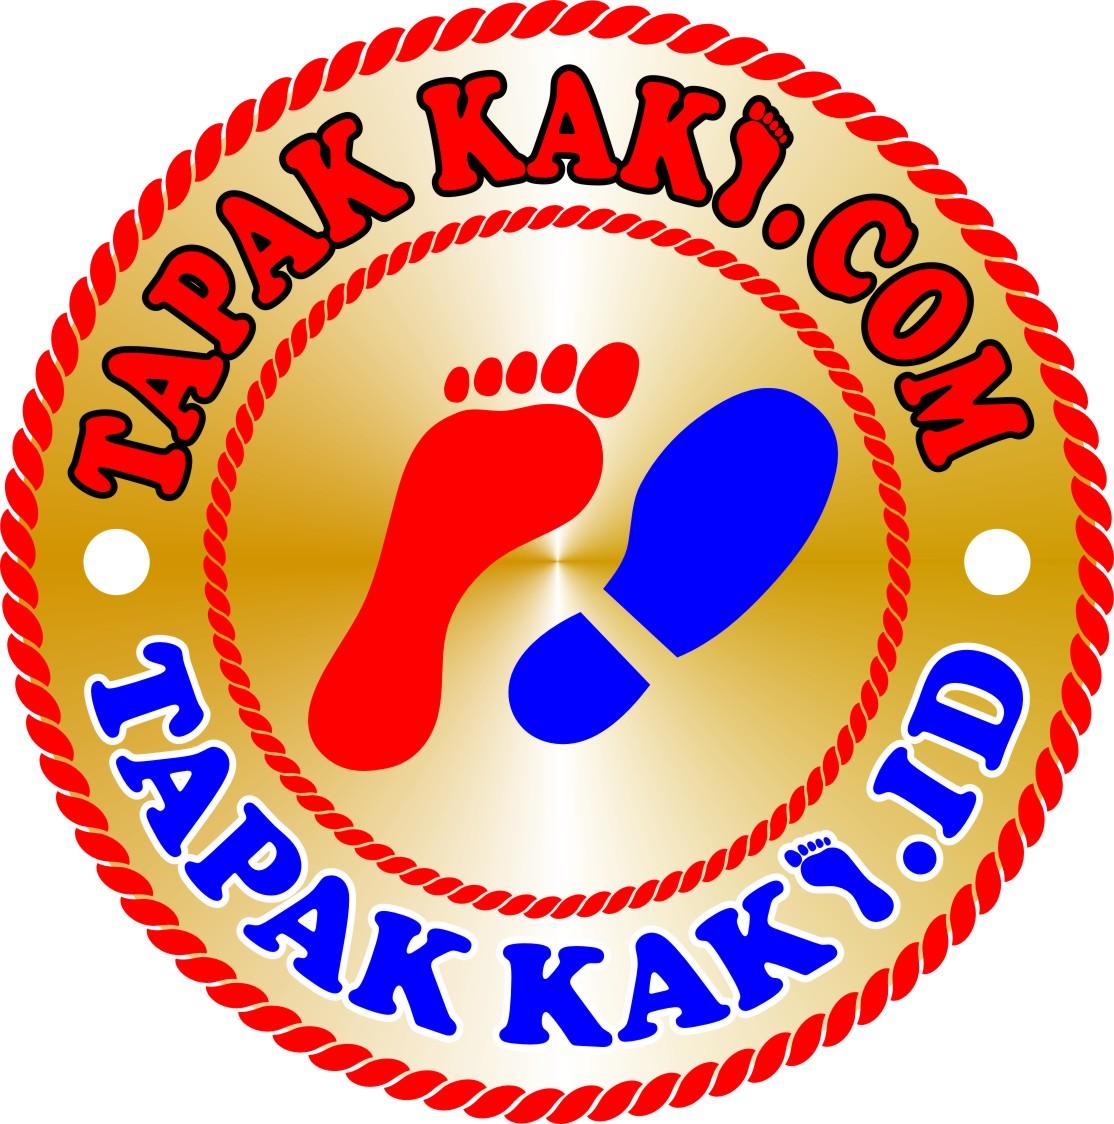 TAPAKKAKI.COM